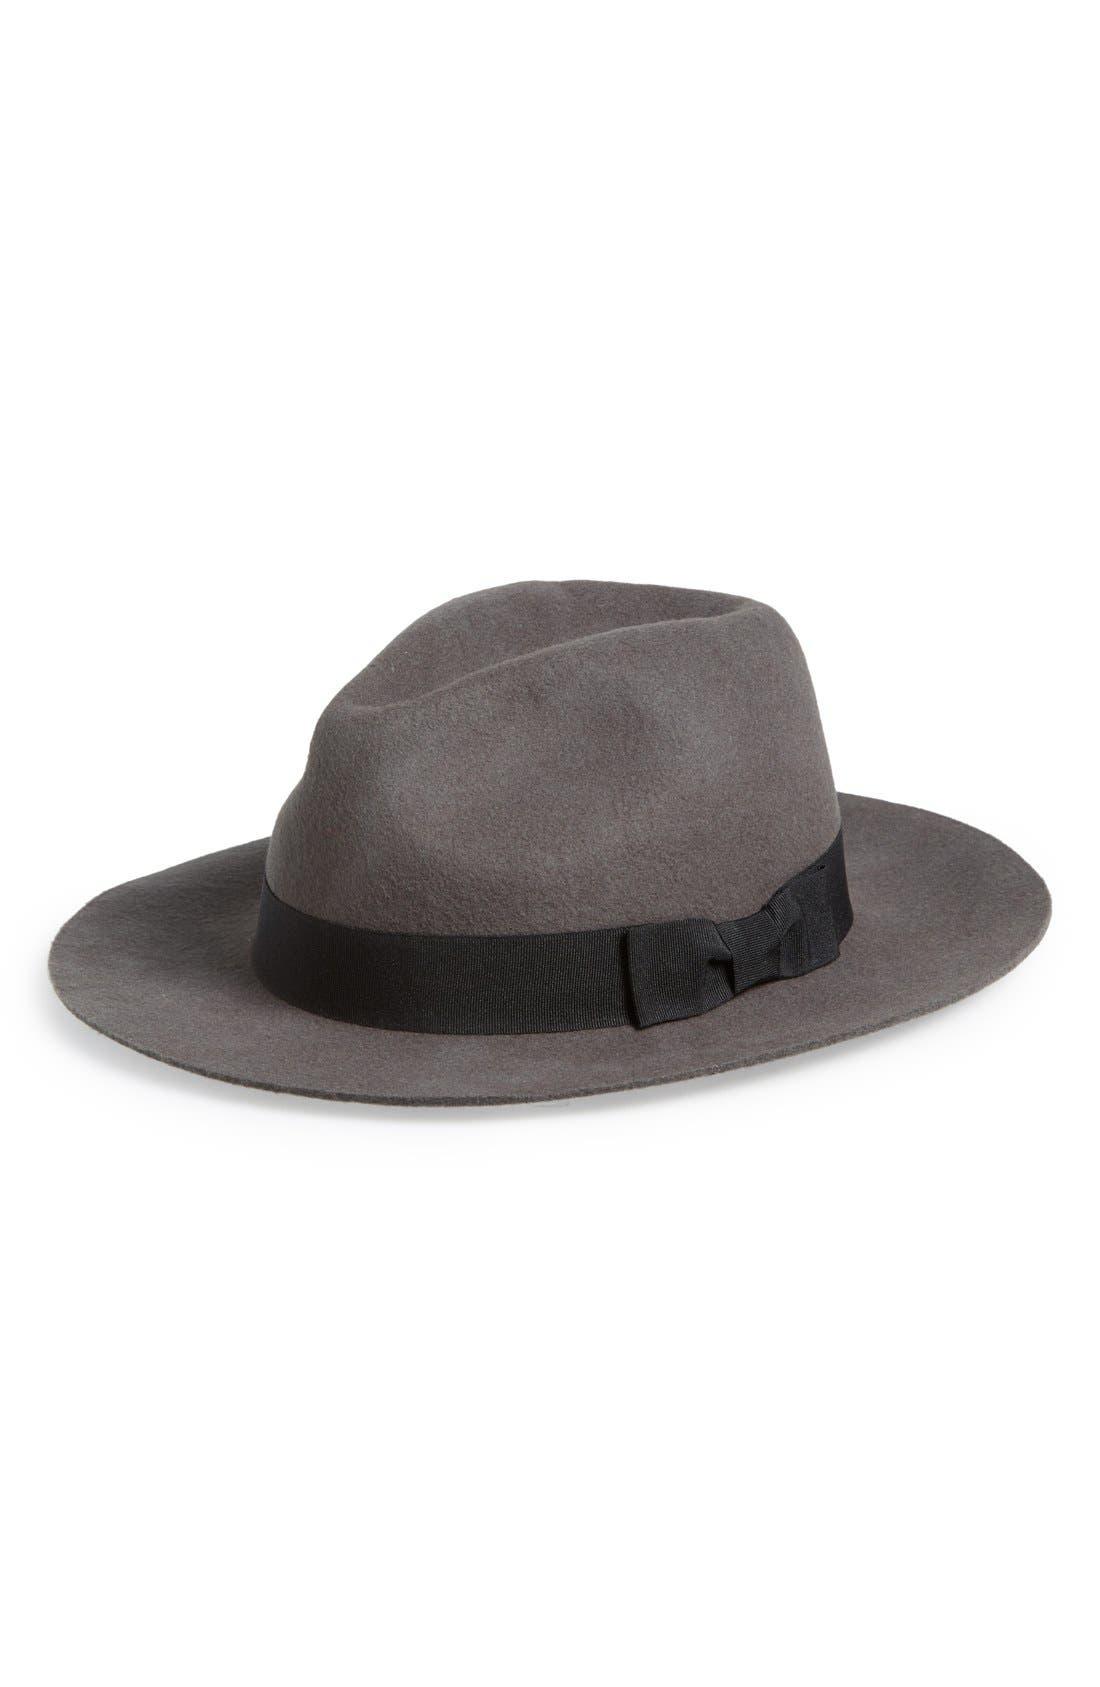 Main Image - BP. Wool Panama Hat